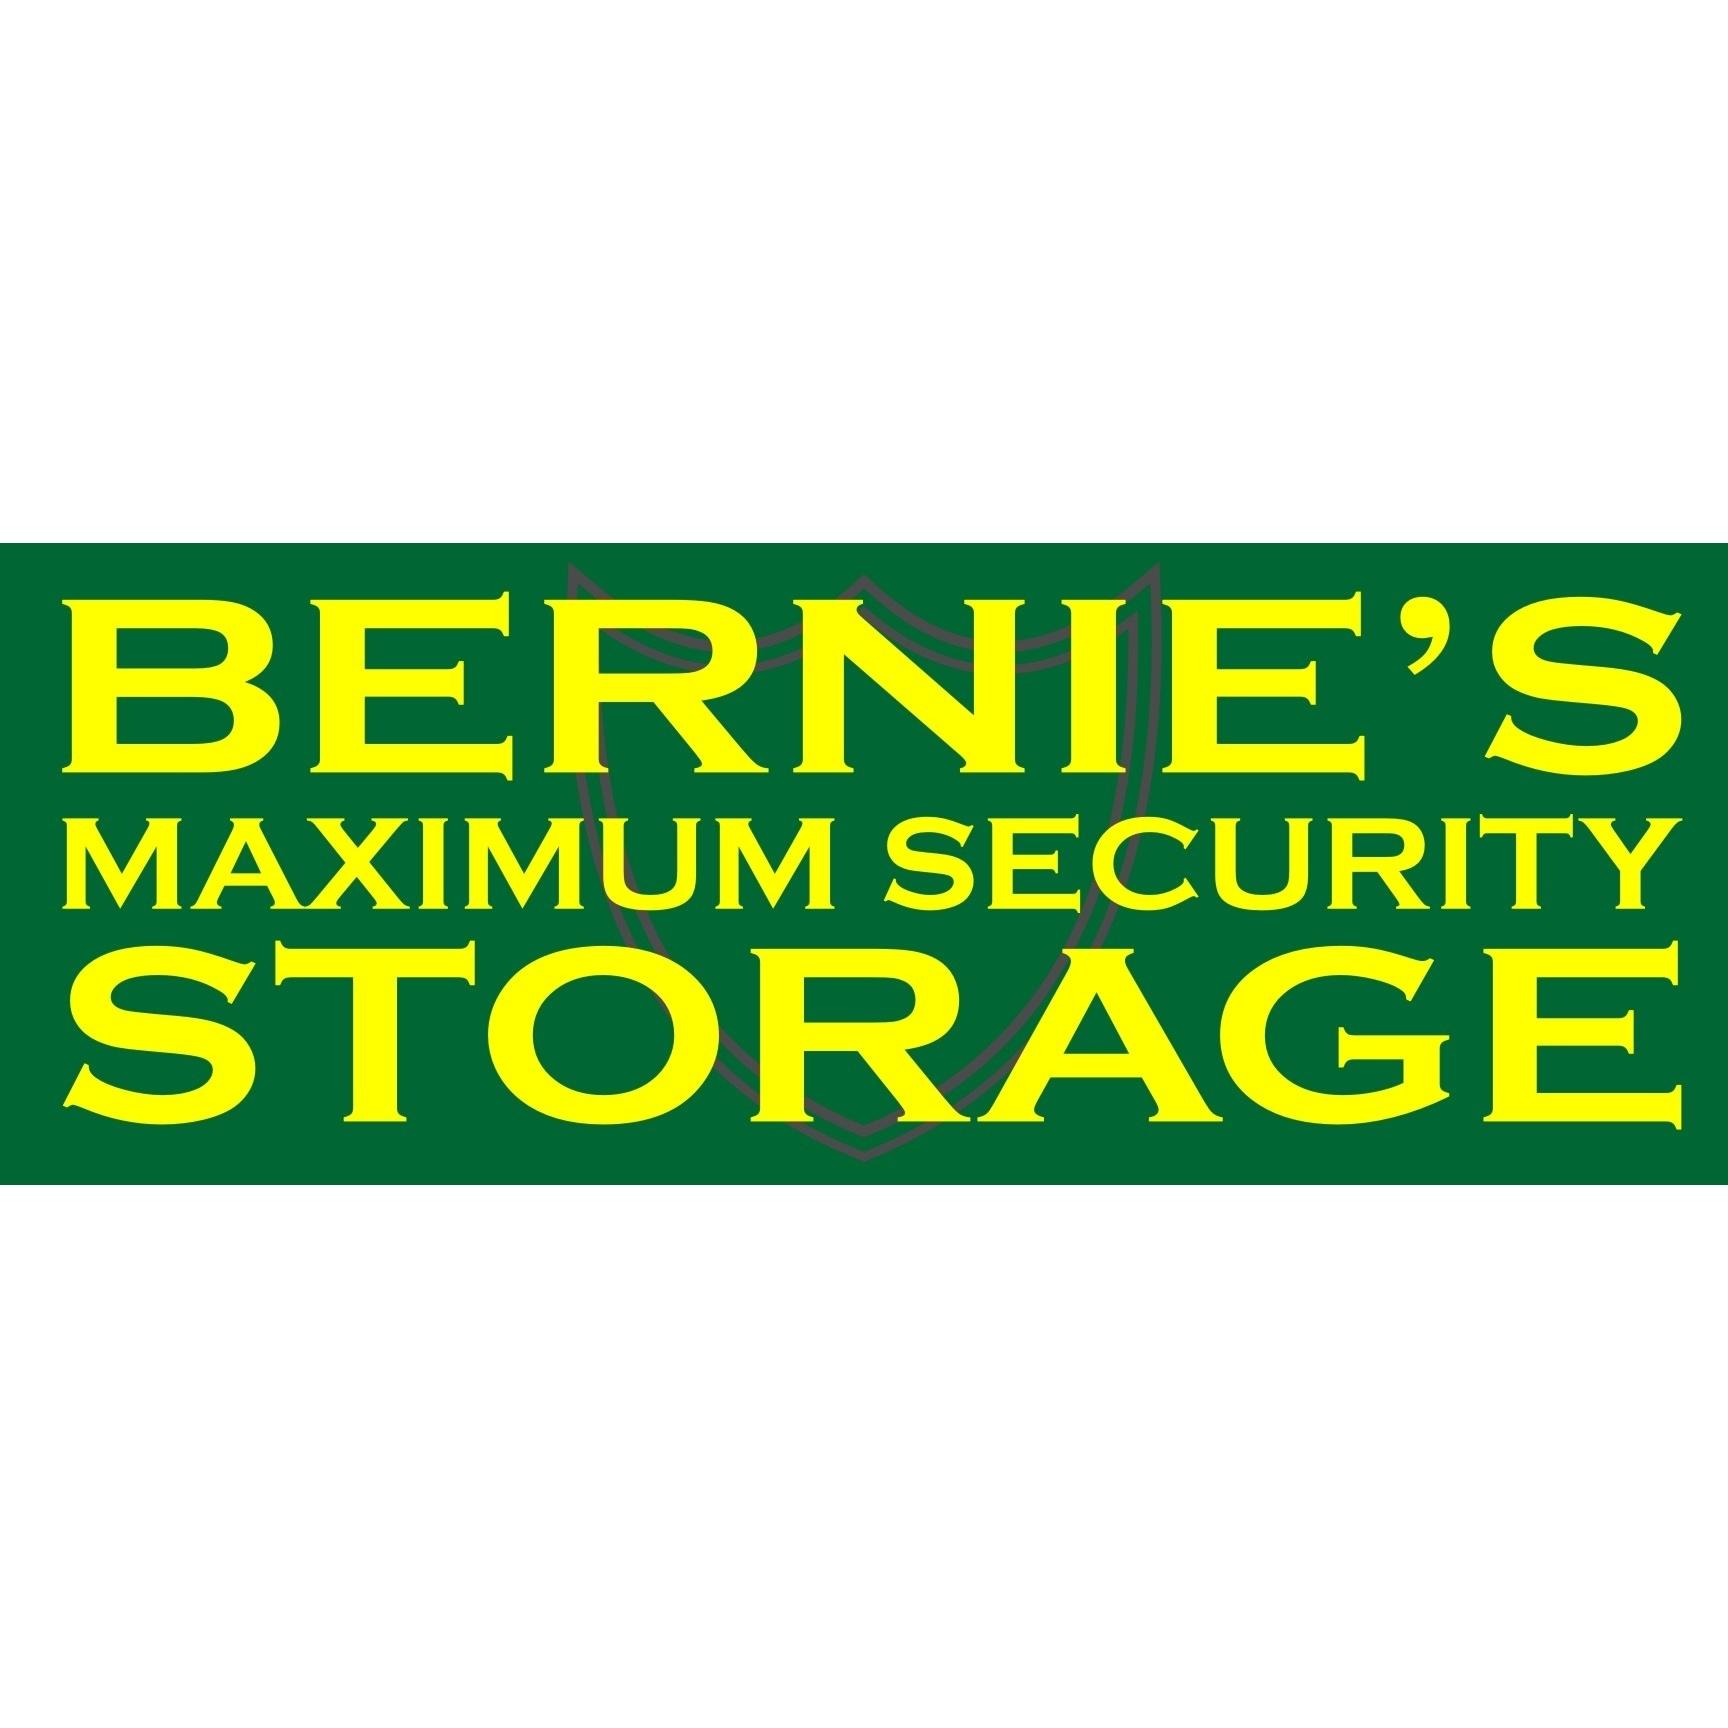 Bernie's Maximum Security Storage